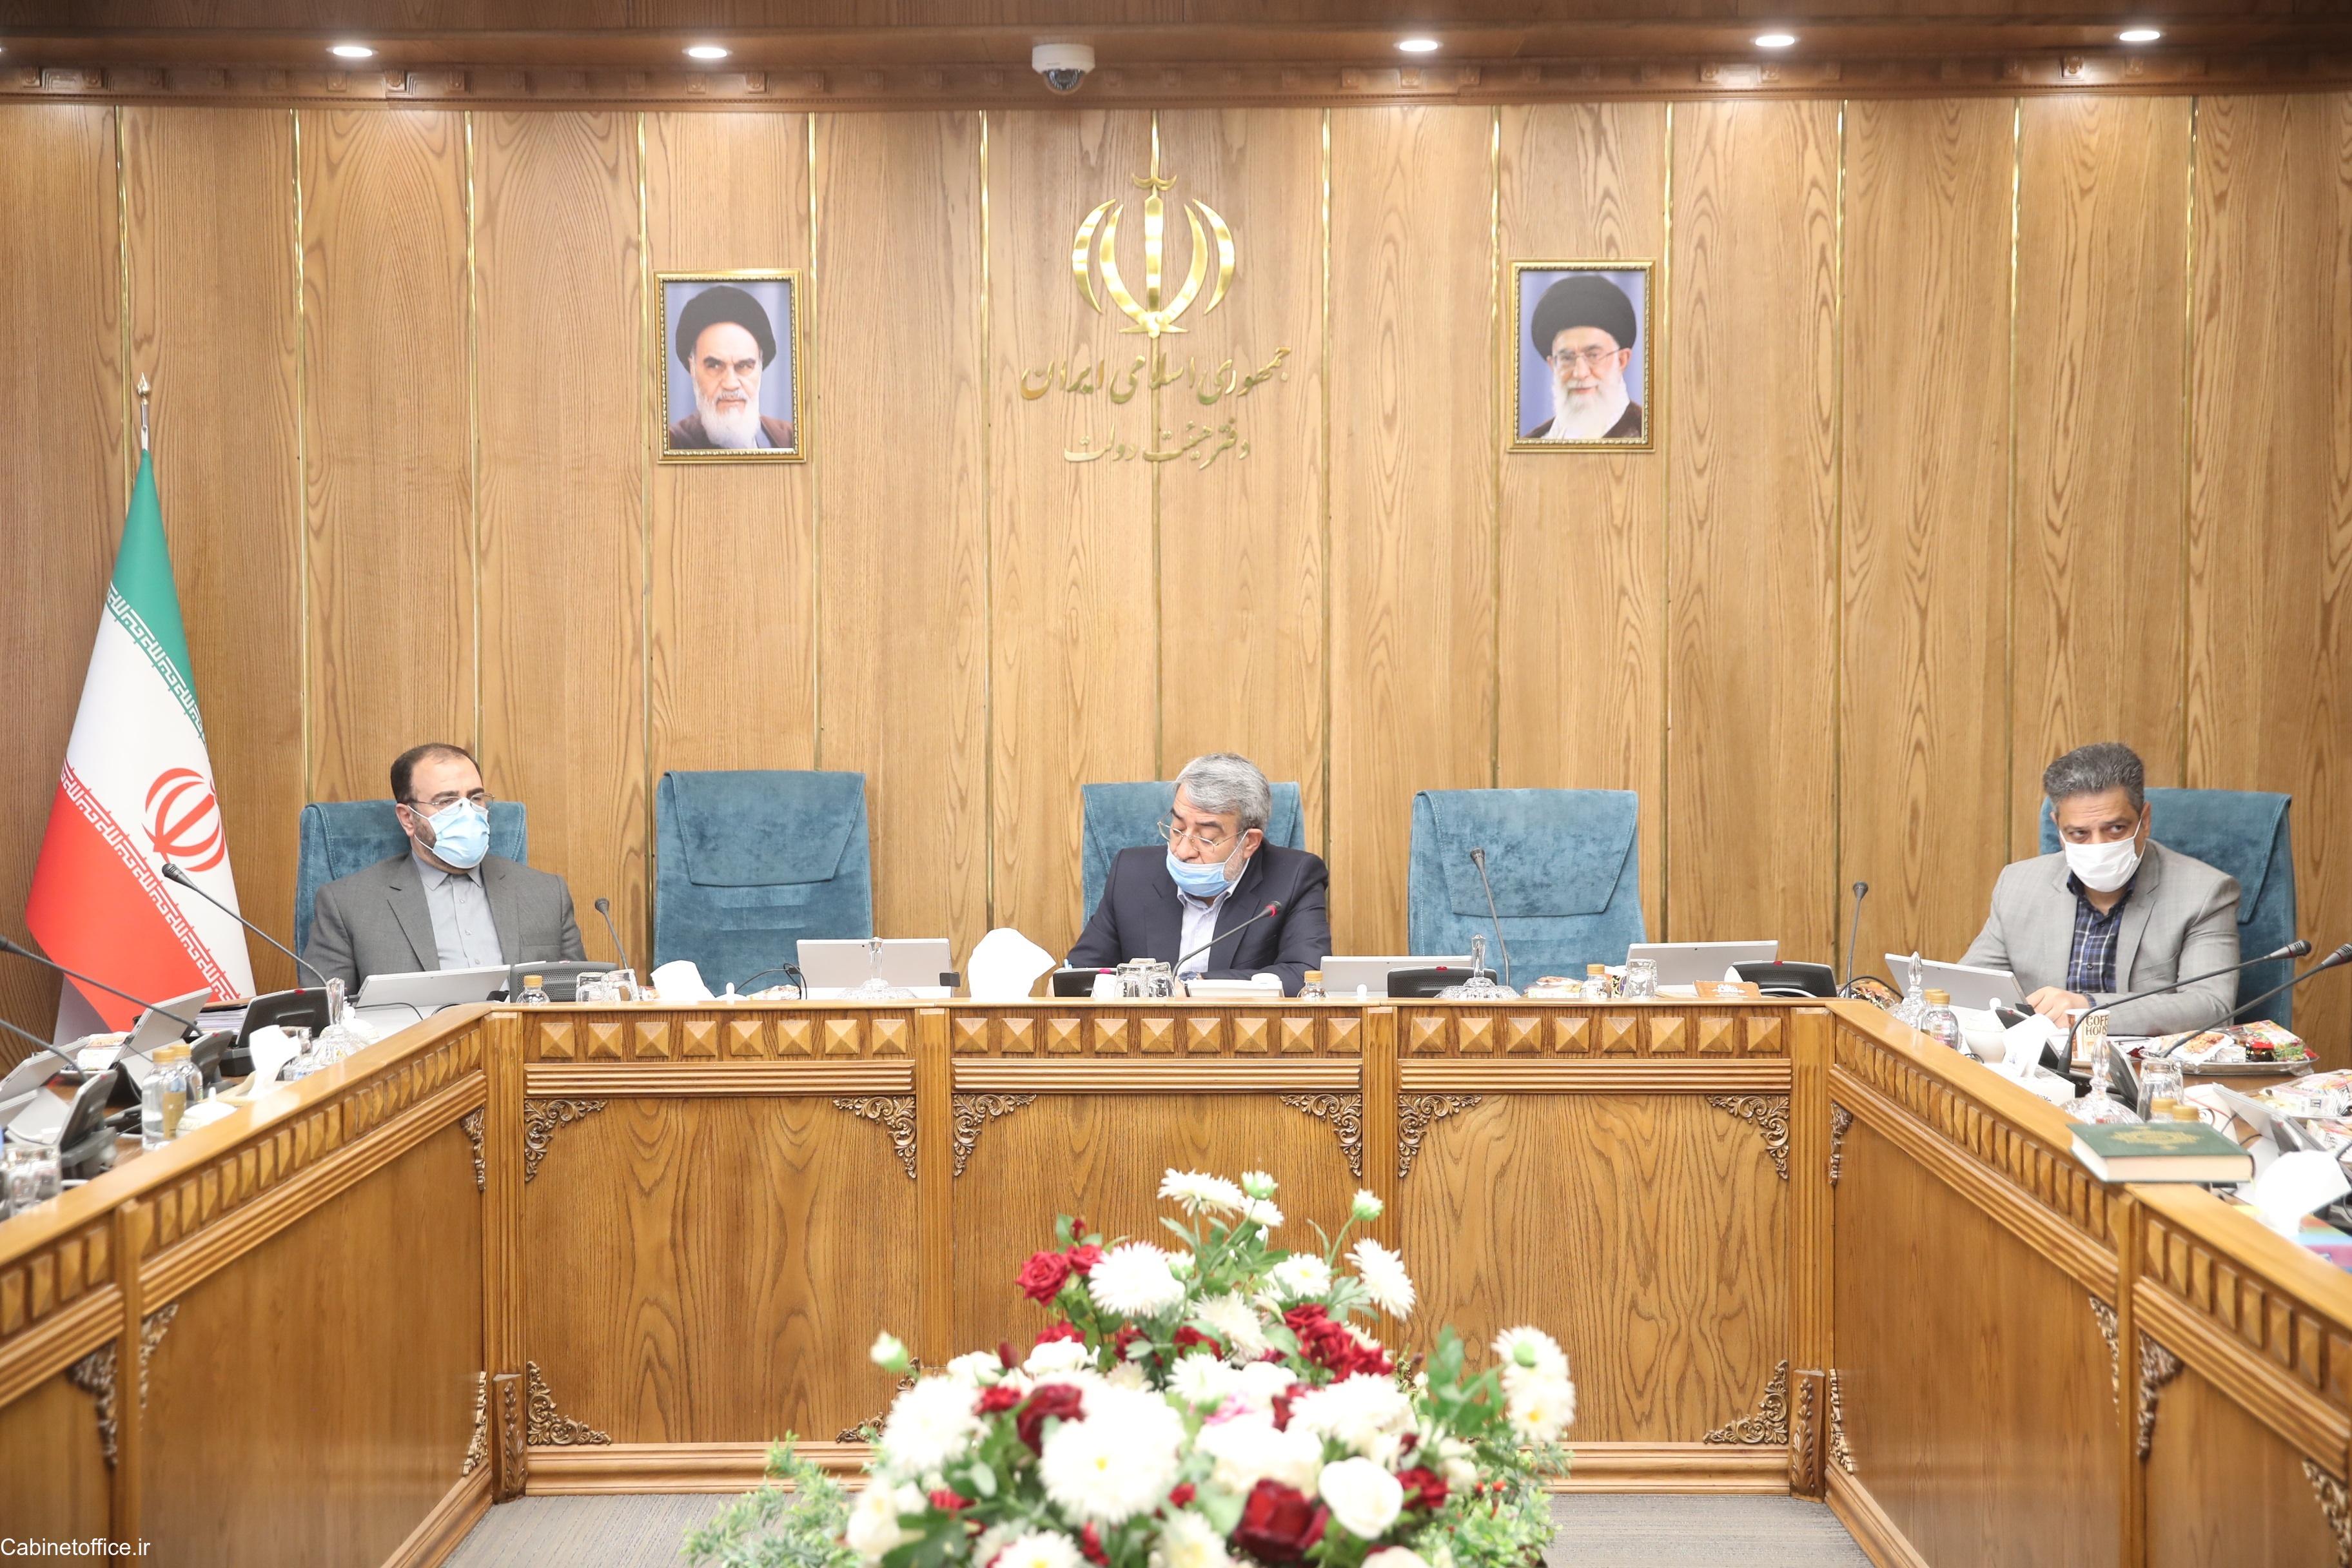 جلسه اصلی کمیسیون سیاسی - دفاعی در تاریخ ۲۱ خرداد ۱۳۹۹